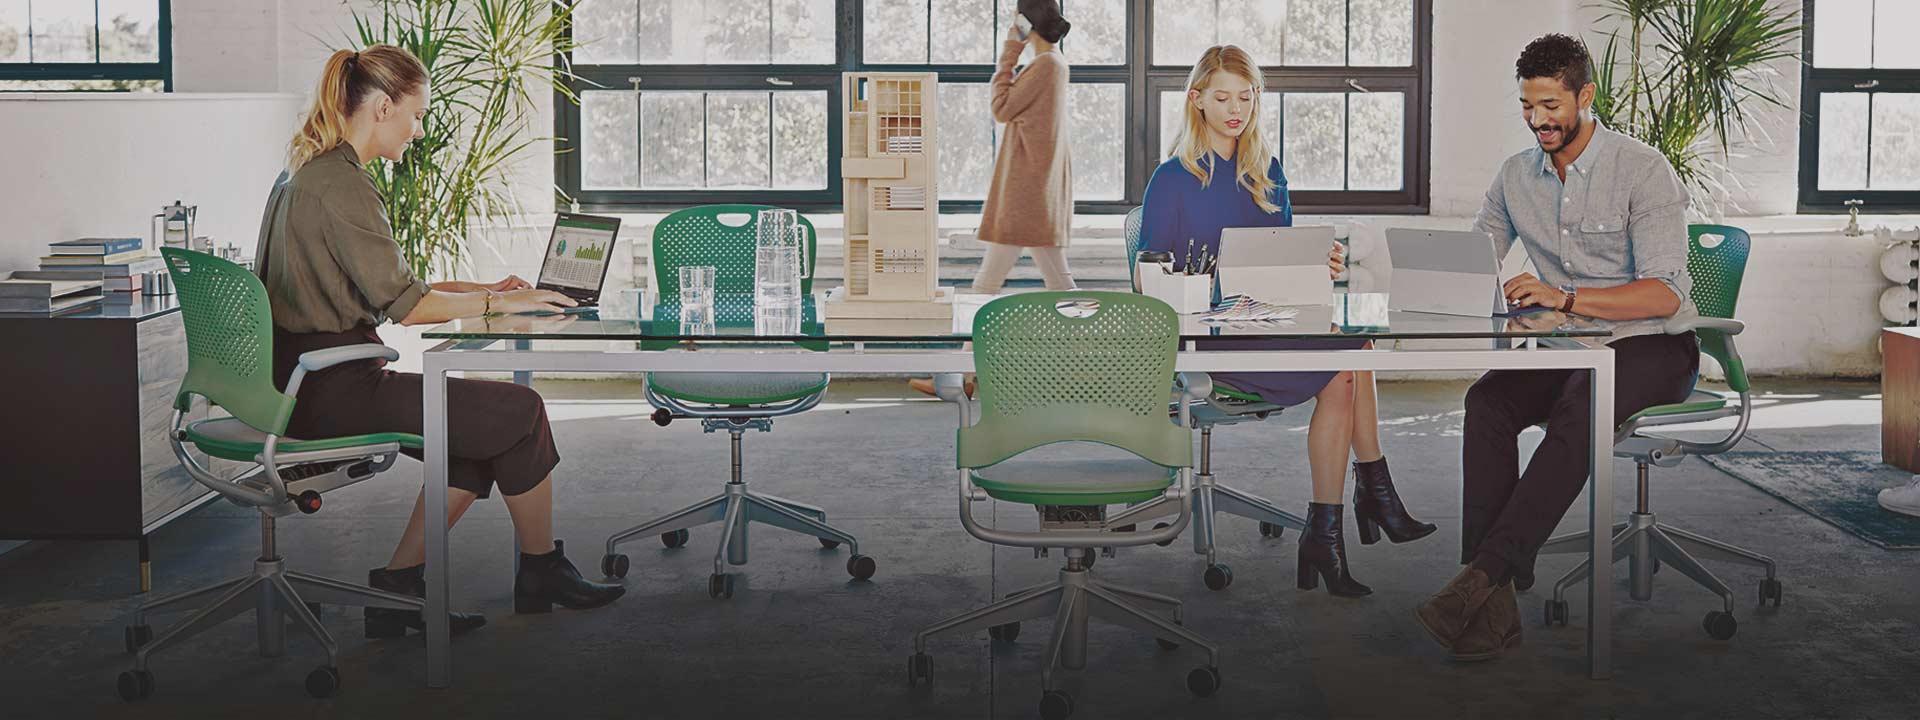 Usuarios trabajando. Más información sobre Office 365